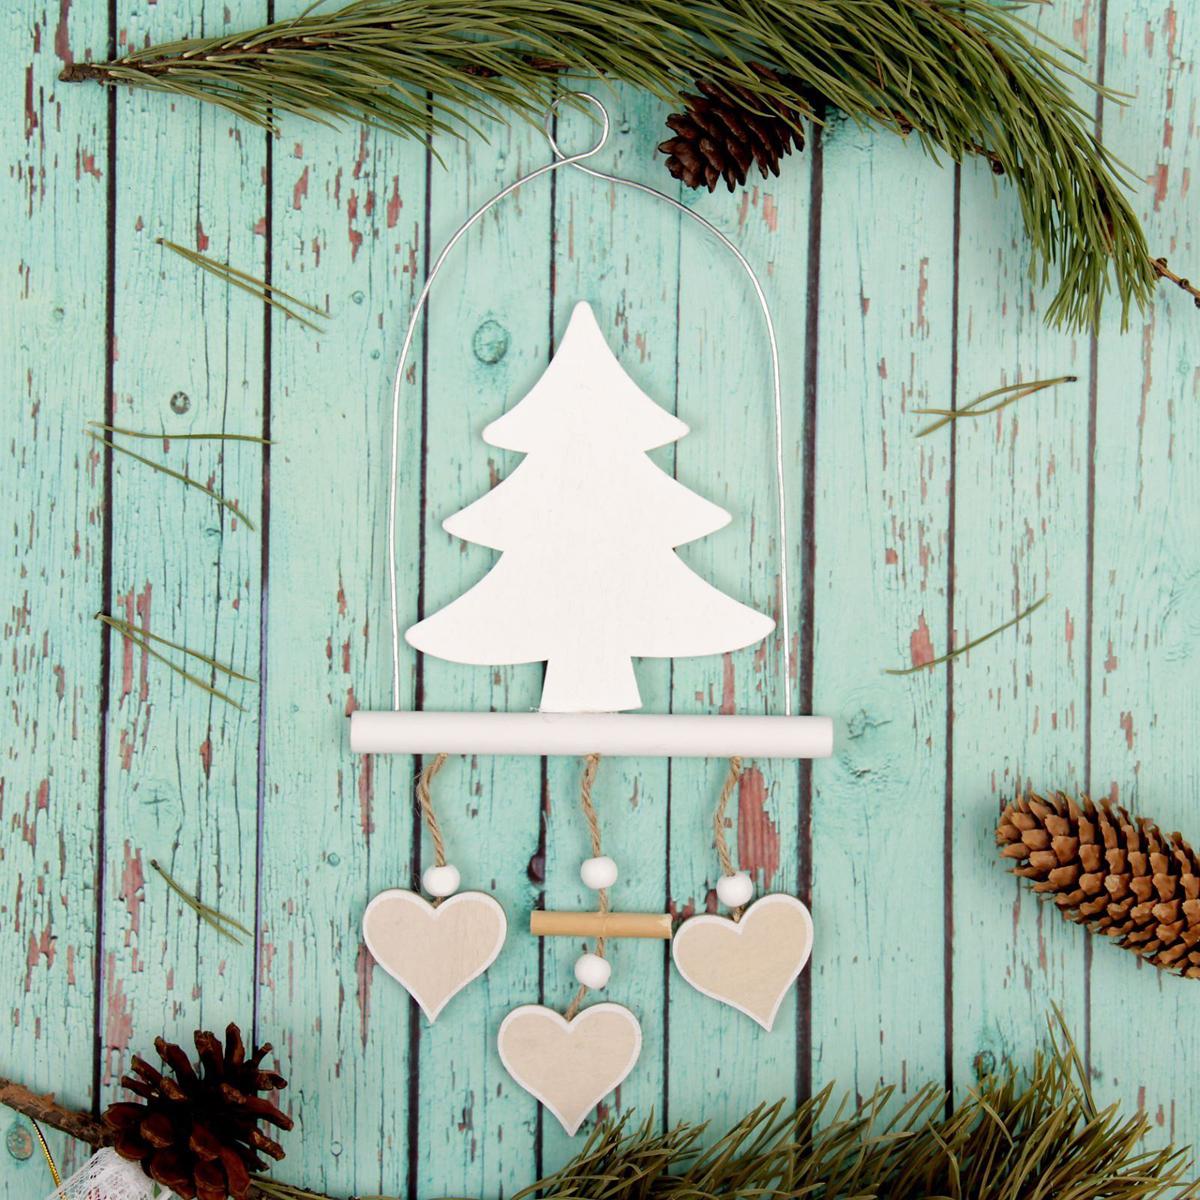 Новогоднее подвесное украшение Sima-land Елка, 17,5 х 13,5 см новогоднее подвесное украшение sima land удачи в новом году светящееся 6 3 см